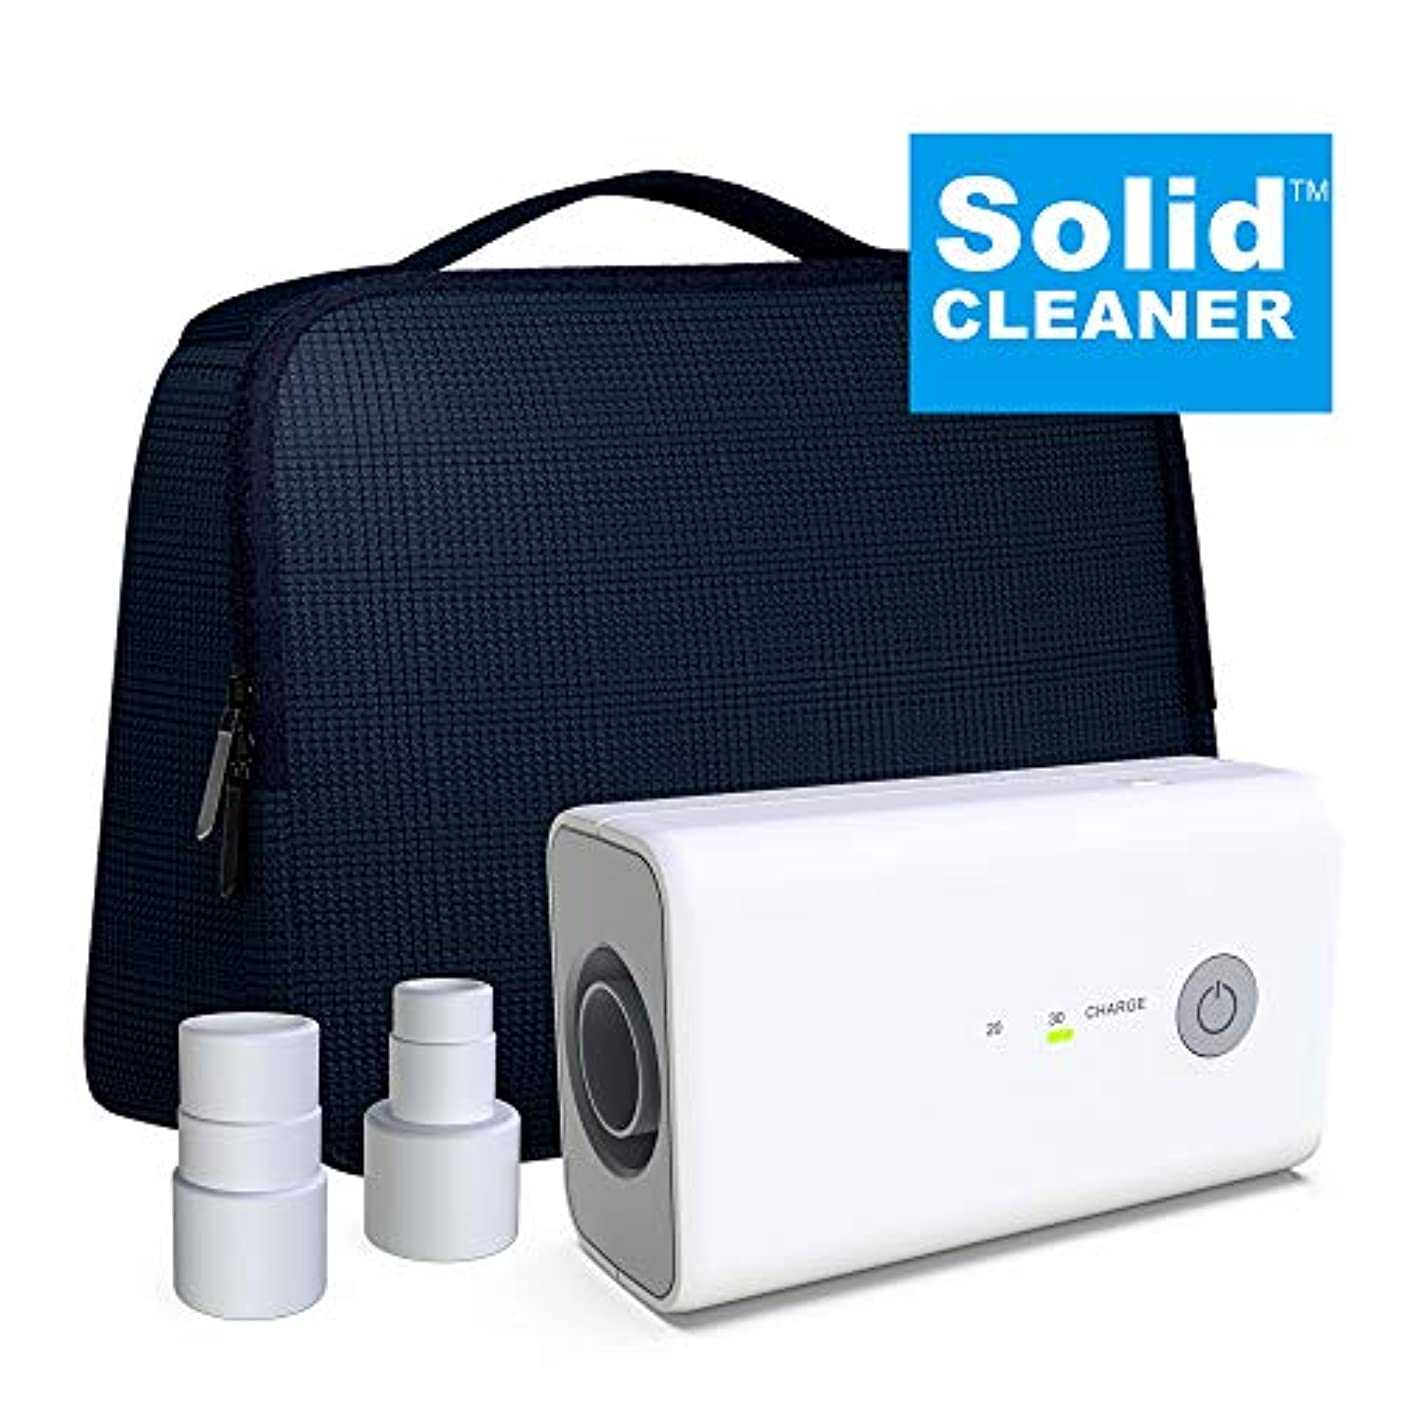 空ギャザーペパーミントSolidcleaner 新しい クリーナーと消毒剤 バンドル バッグ互換性 加熱ホースアダプタアダプタポータブル充電式マスクチューブクリーナーを消毒含み Upgraedバンドル ライトグレー